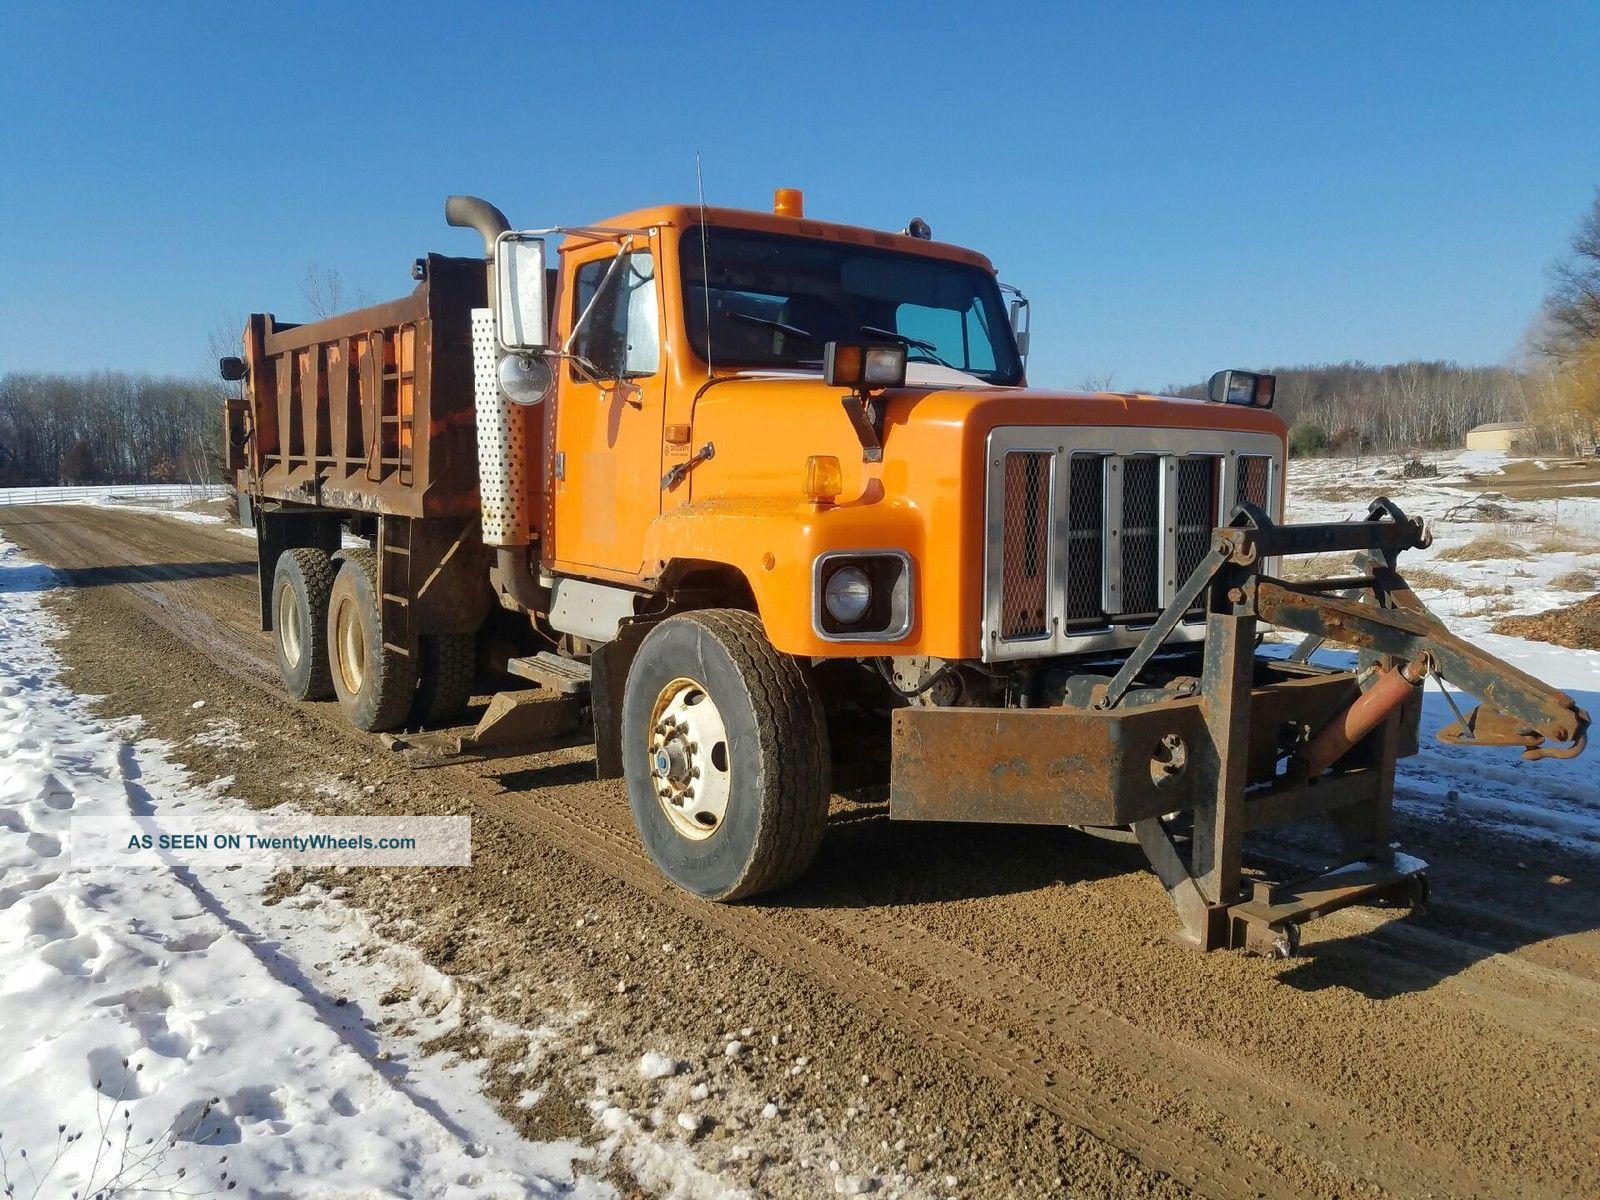 2003 International Other Heavy Duty Trucks photo